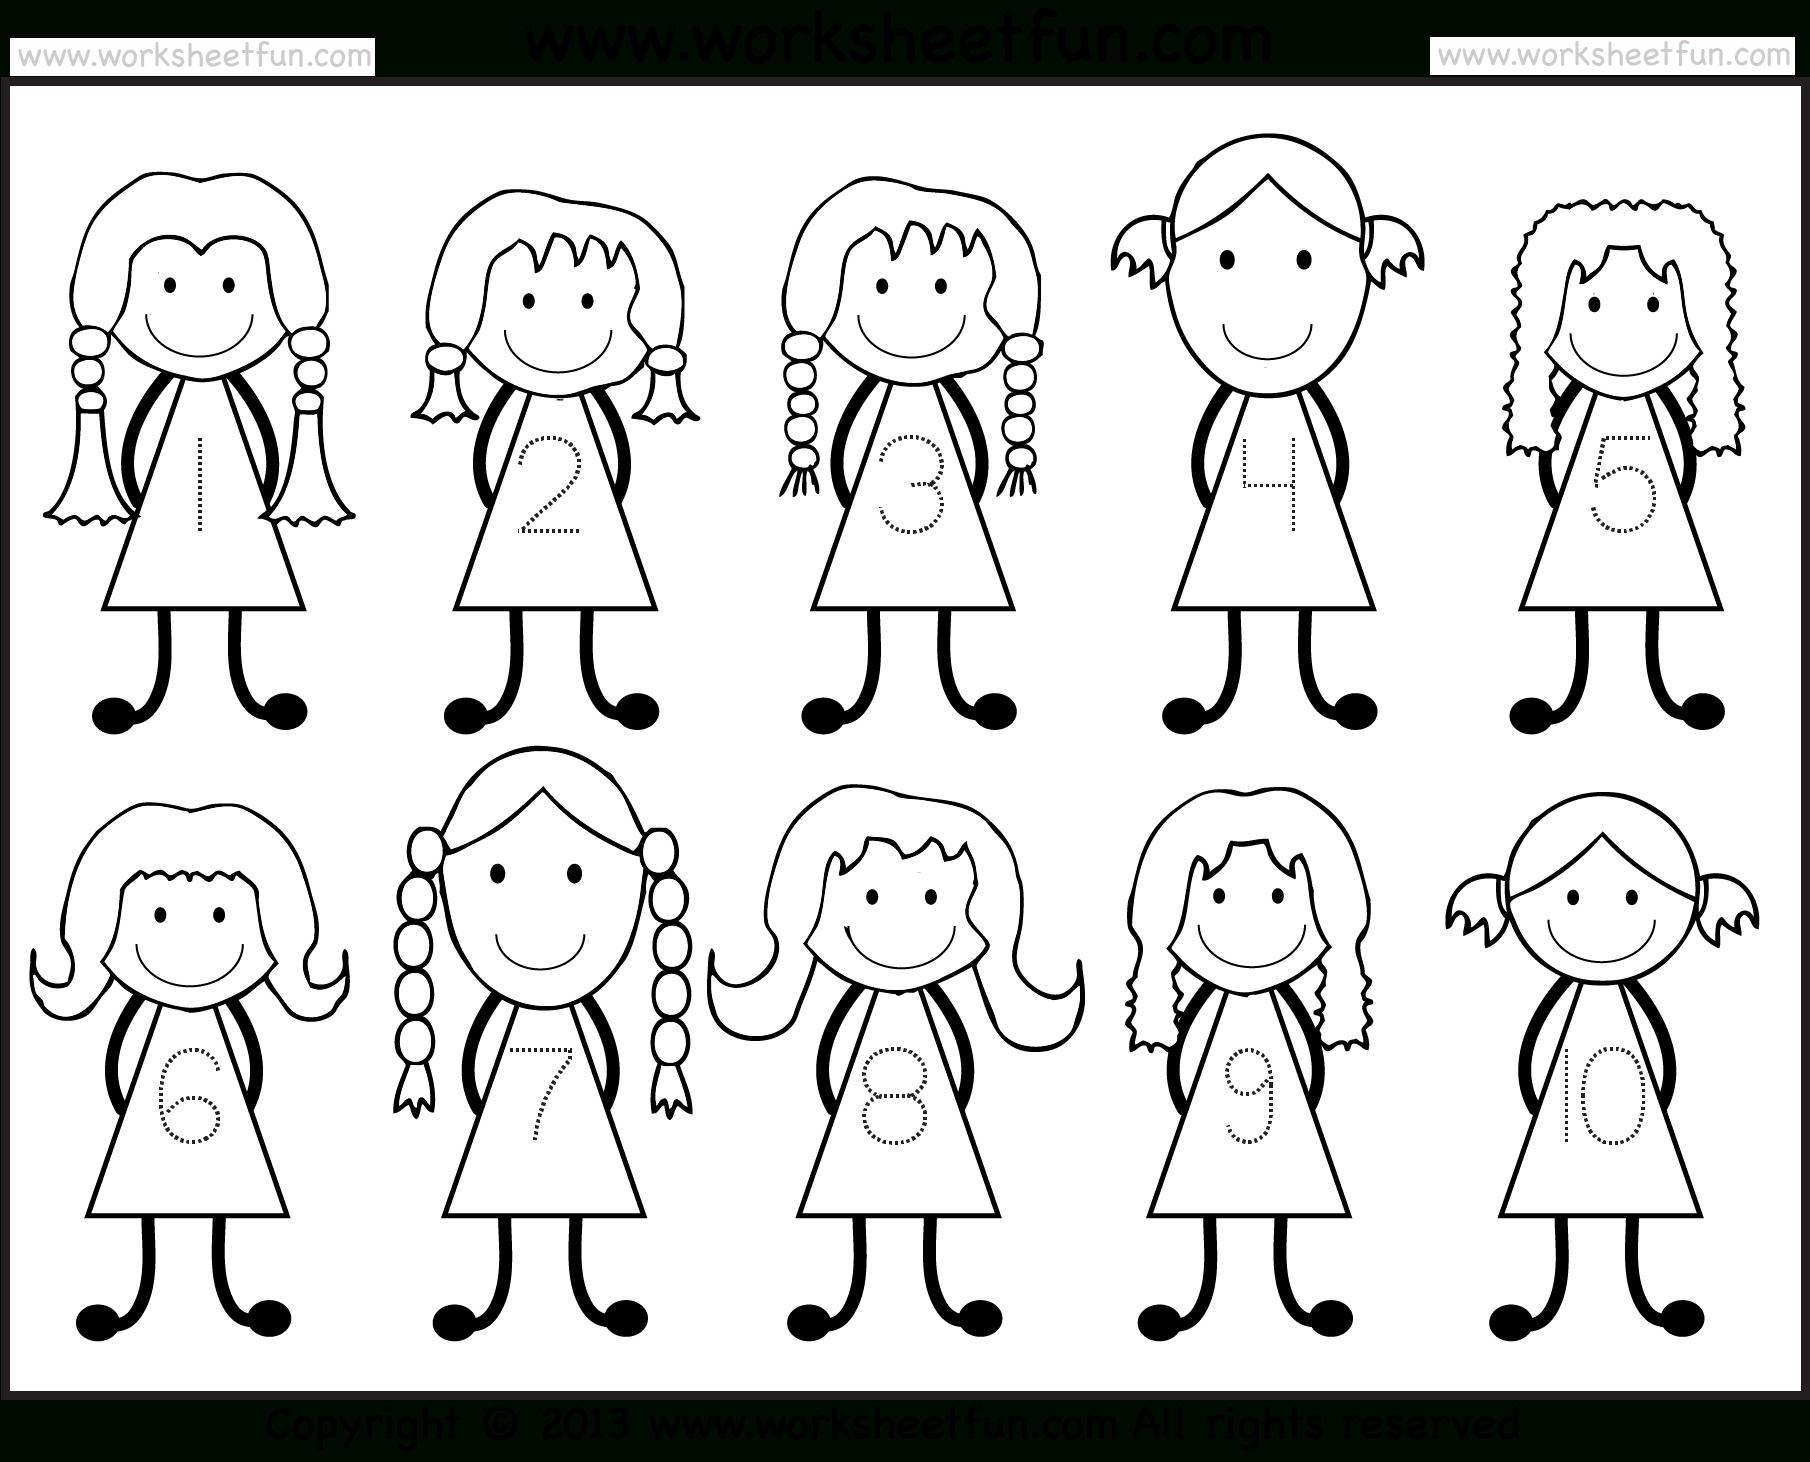 Number Tracing -1-10 – Worksheet / Free Printable Worksheets | Printable Worksheets For Preschoolers On Numbers 1 10